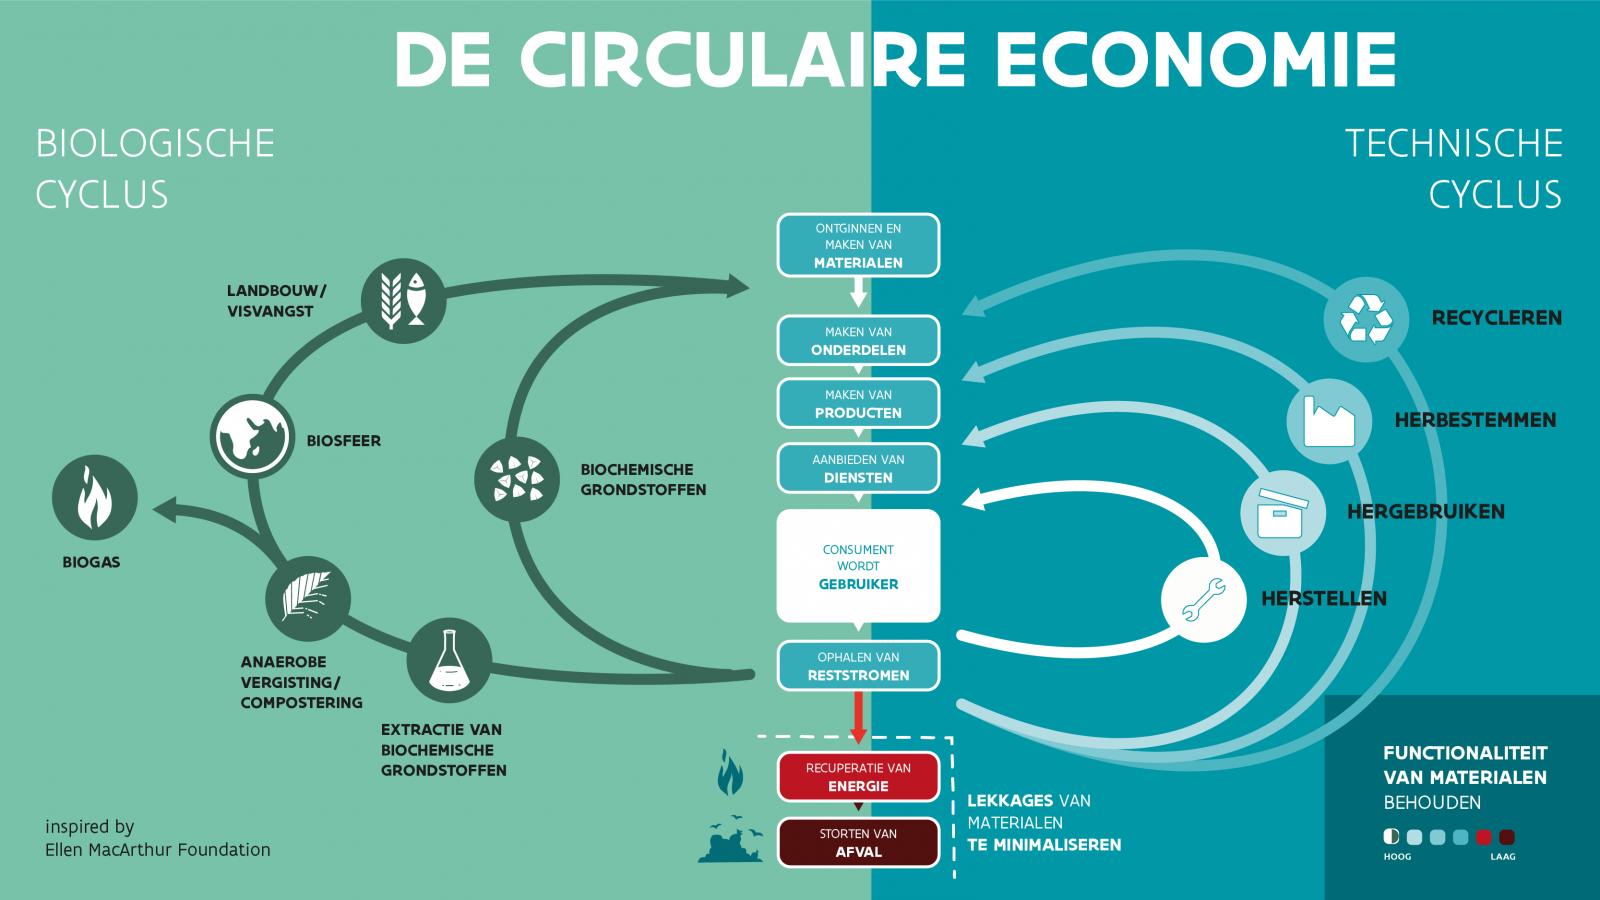 <h2>CIRCULAIRE ECONOMIE</h2><div>We moeten streven naar een nieuwe circulaire economie die spaarzaam omgaat met de grondstoffen van onze planeet.</div>